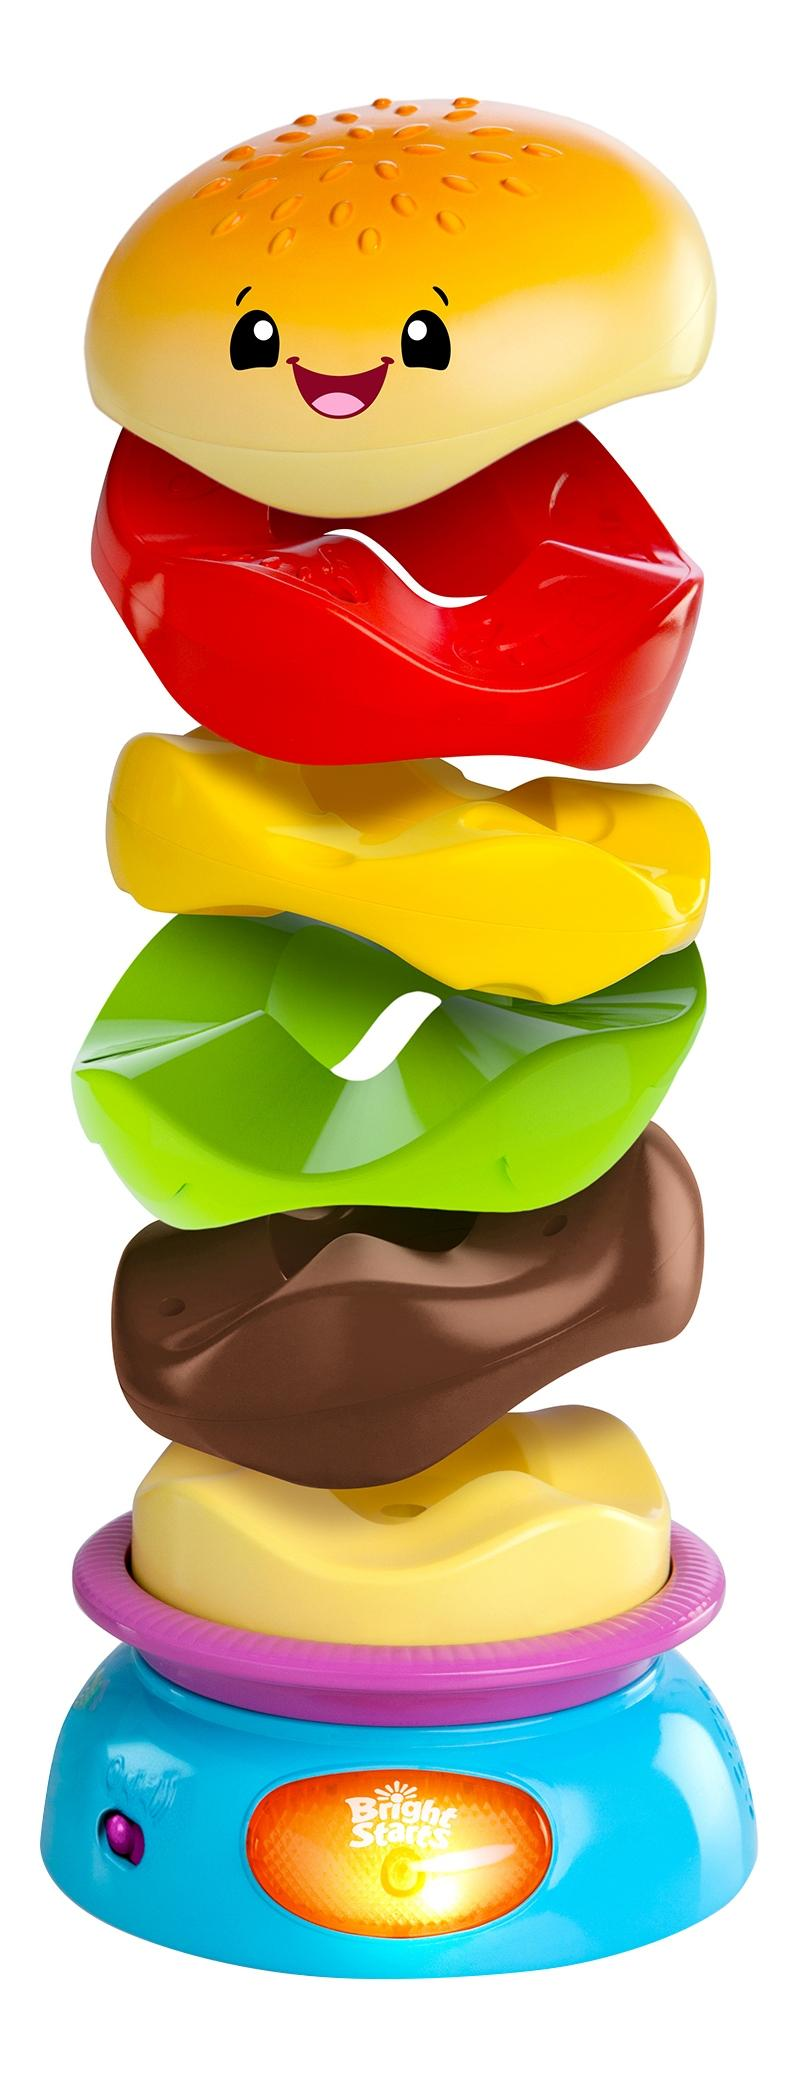 Купить Развивающая игрушка-пирамидка Bright Starts Веселый бутерброд, Развивающие игрушки